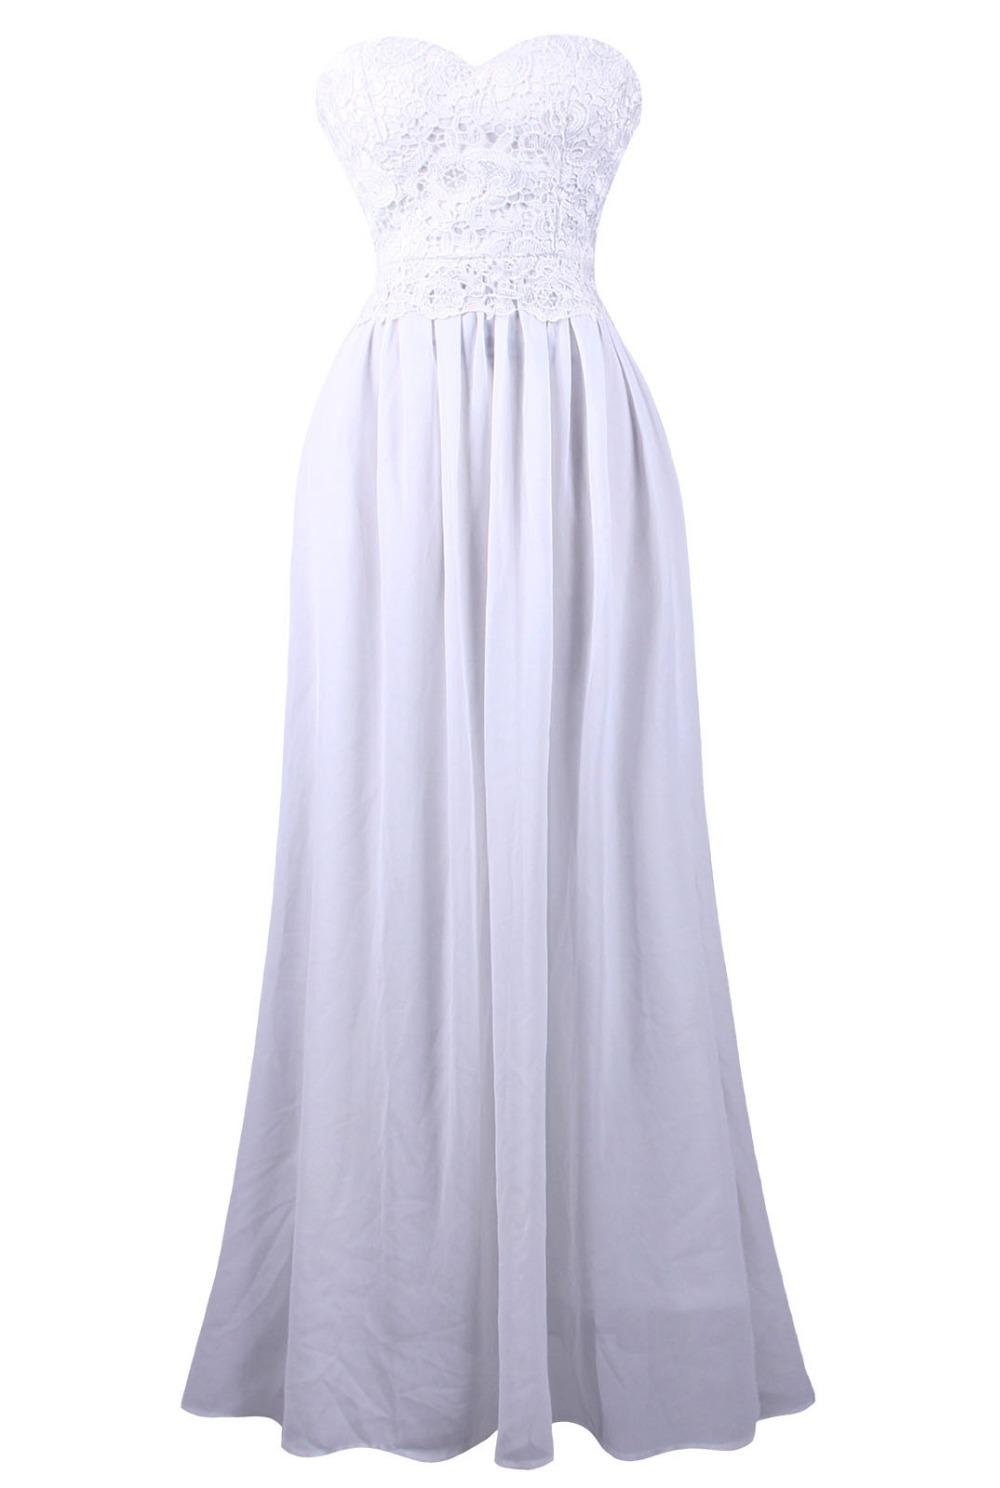 ccf2280189d Get Quotations · Strapless Lace Lace up Pleat Chiffon long Evening Dress  vestidos de noche robe de soiree long